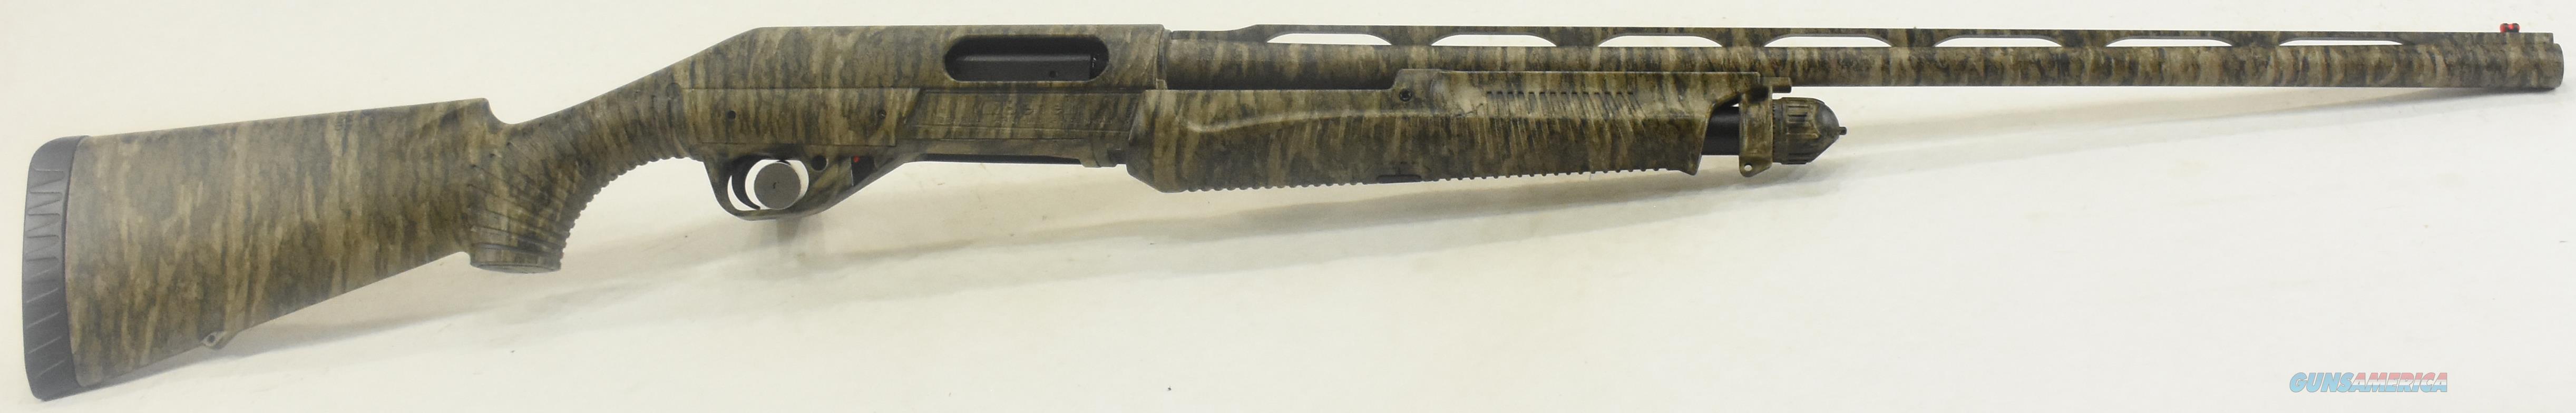 20042 Benelli Nova Bottomland Camo 20 Ga 26In  Guns > Shotguns > Benelli Shotguns > Sporting